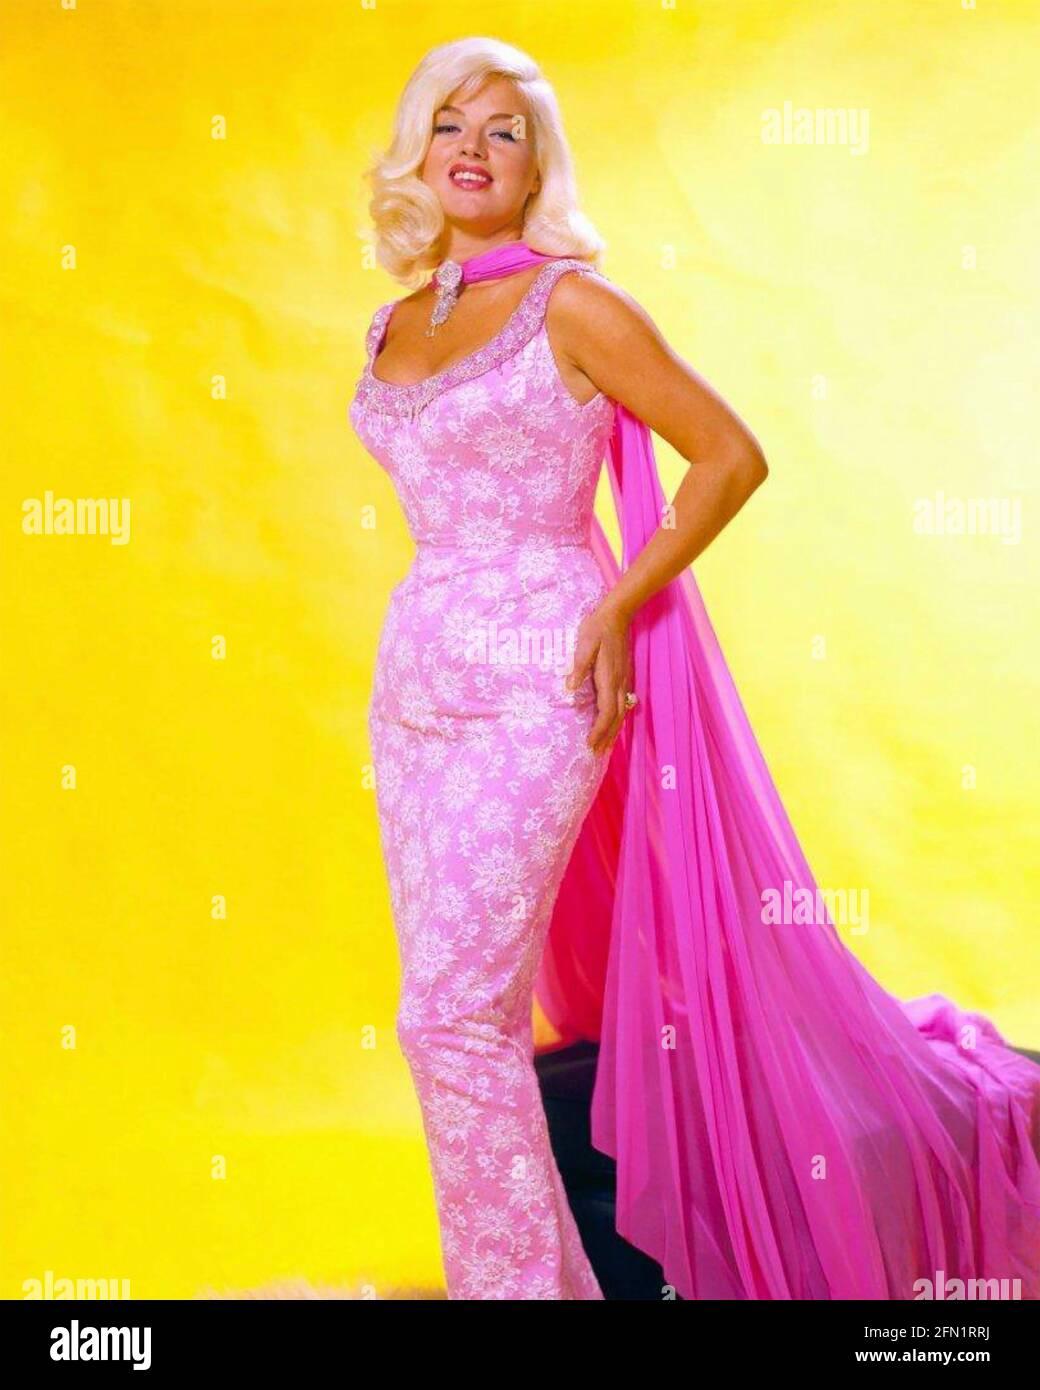 DIANA DORS (1931-1984) Englische fiom und Fernsehschauspielerin um 1965 Stockfoto